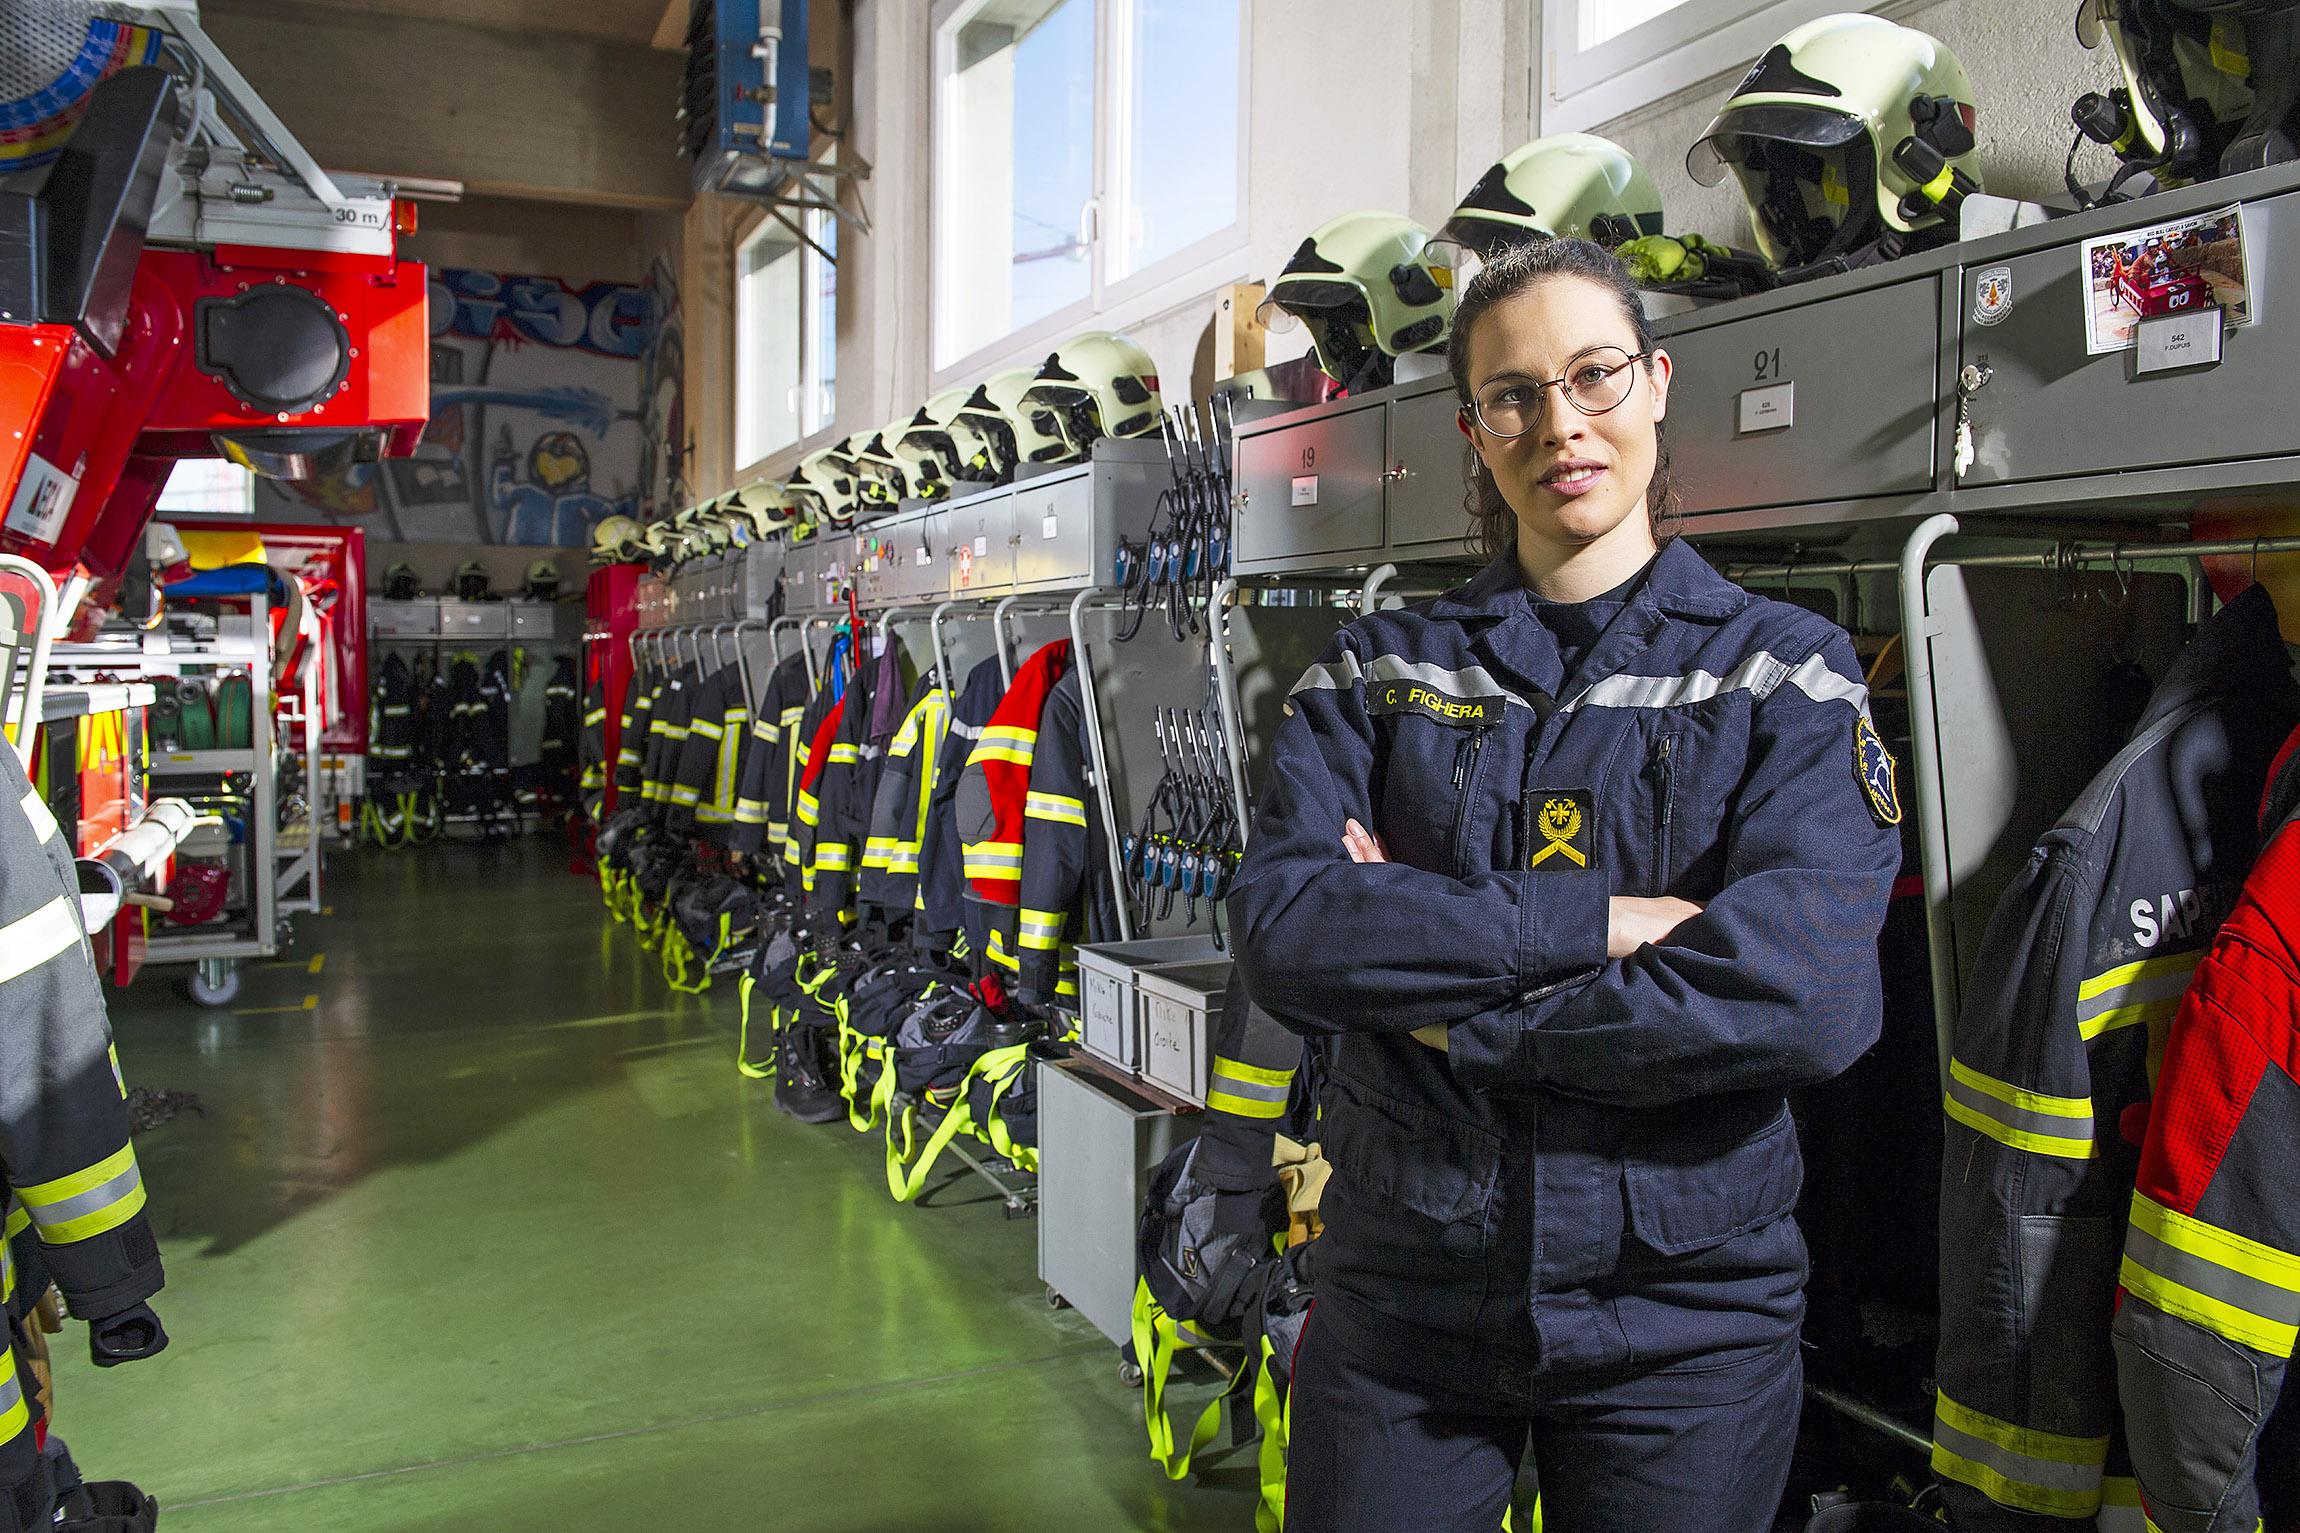 «Être pompier, c'est une fierté»